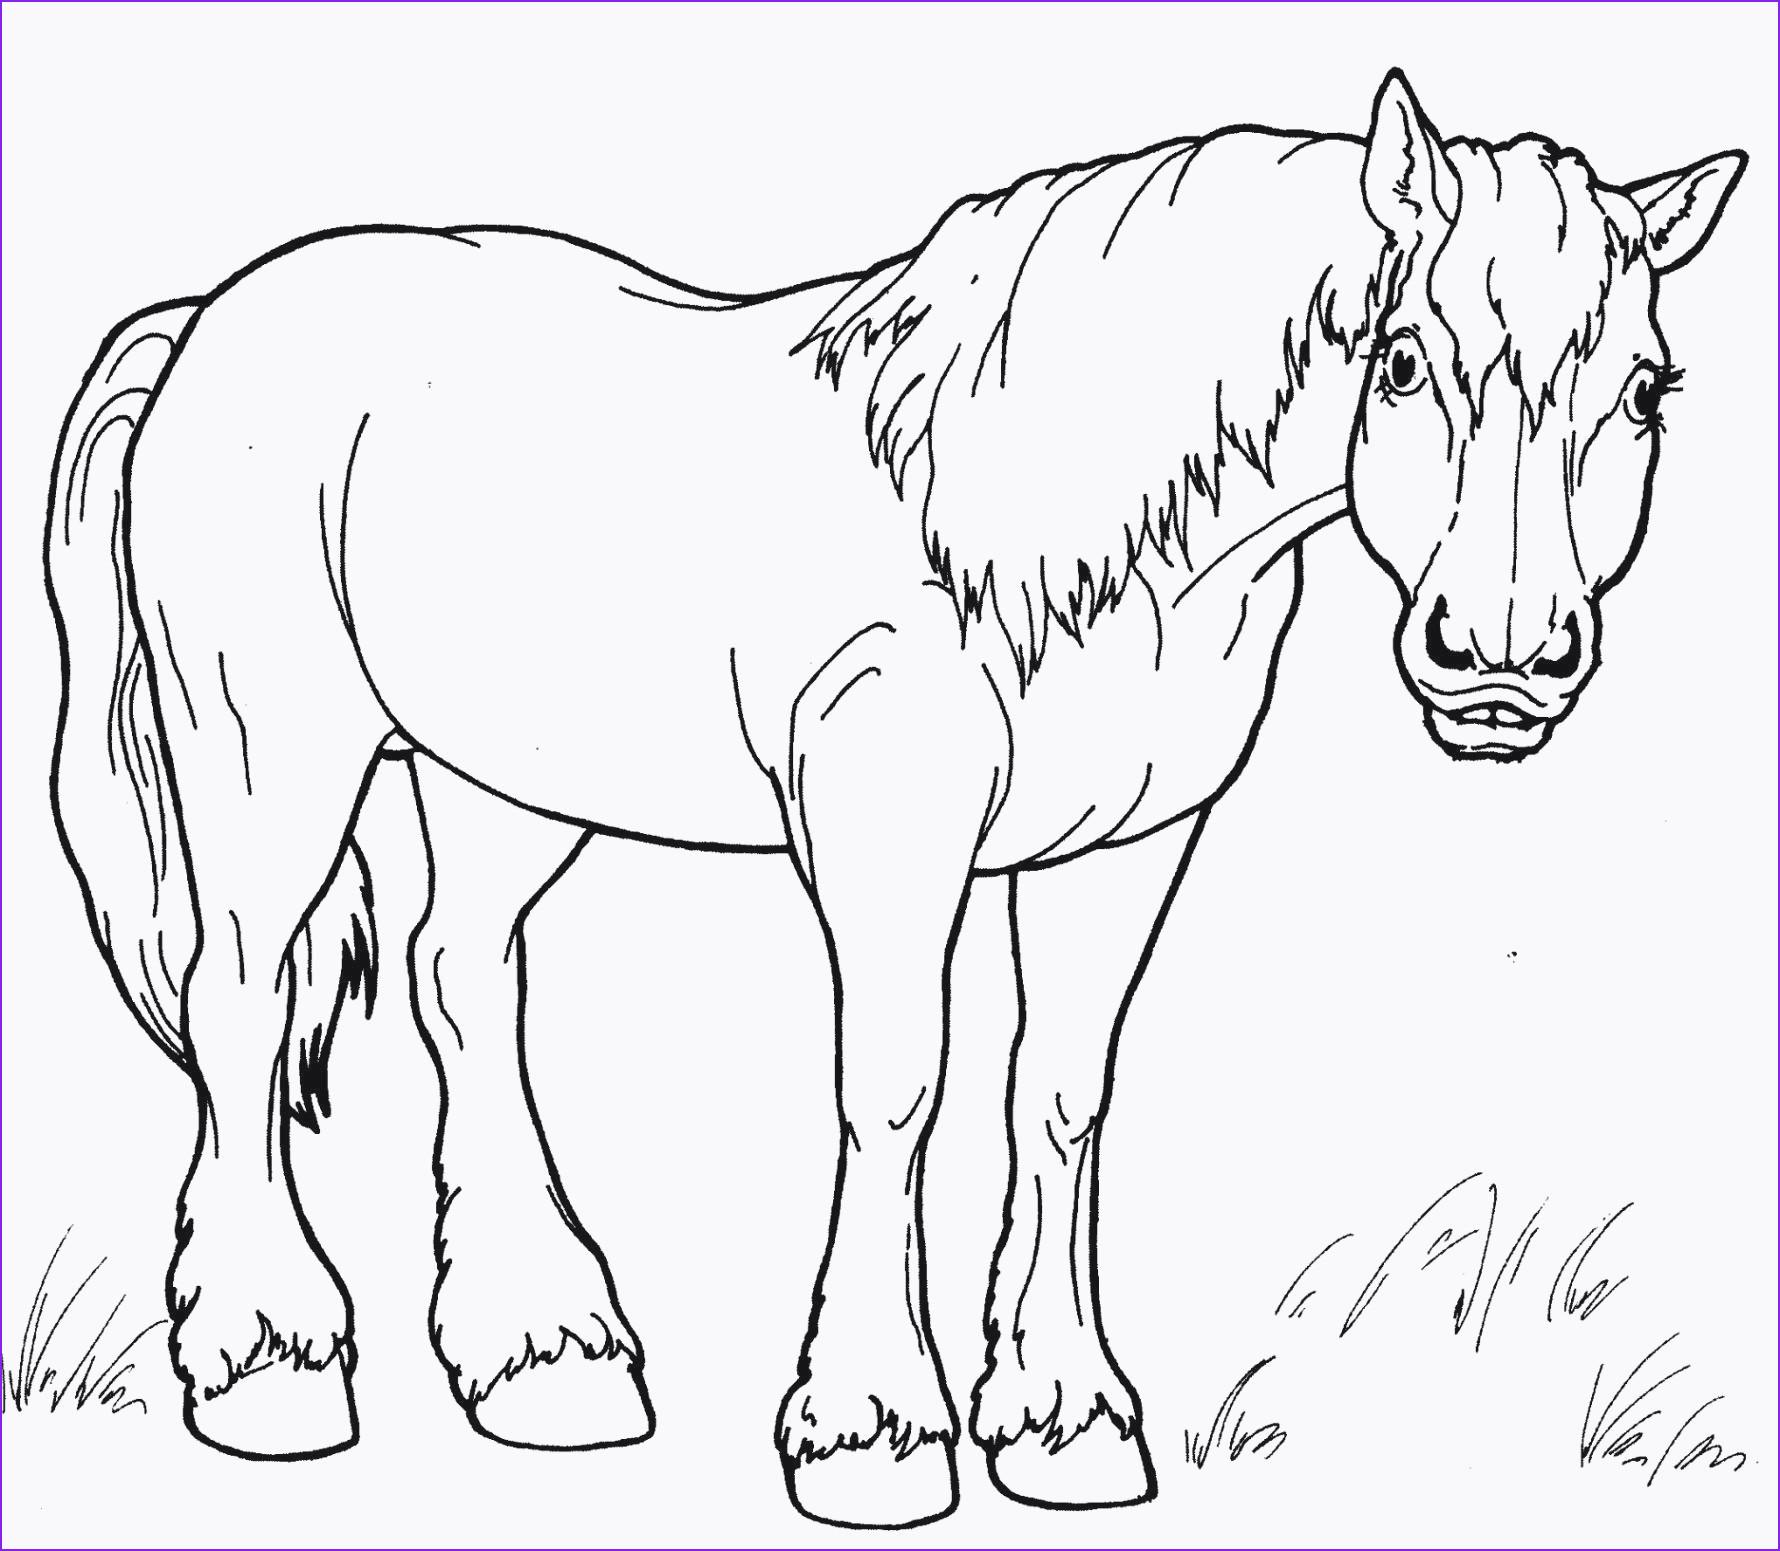 Top Model Bilder Zum Ausmalen Inspirierend Ausmalbilder Pferde Zum Ausdrucken Neueste Modelle Mini Ausmalbilder Fotografieren